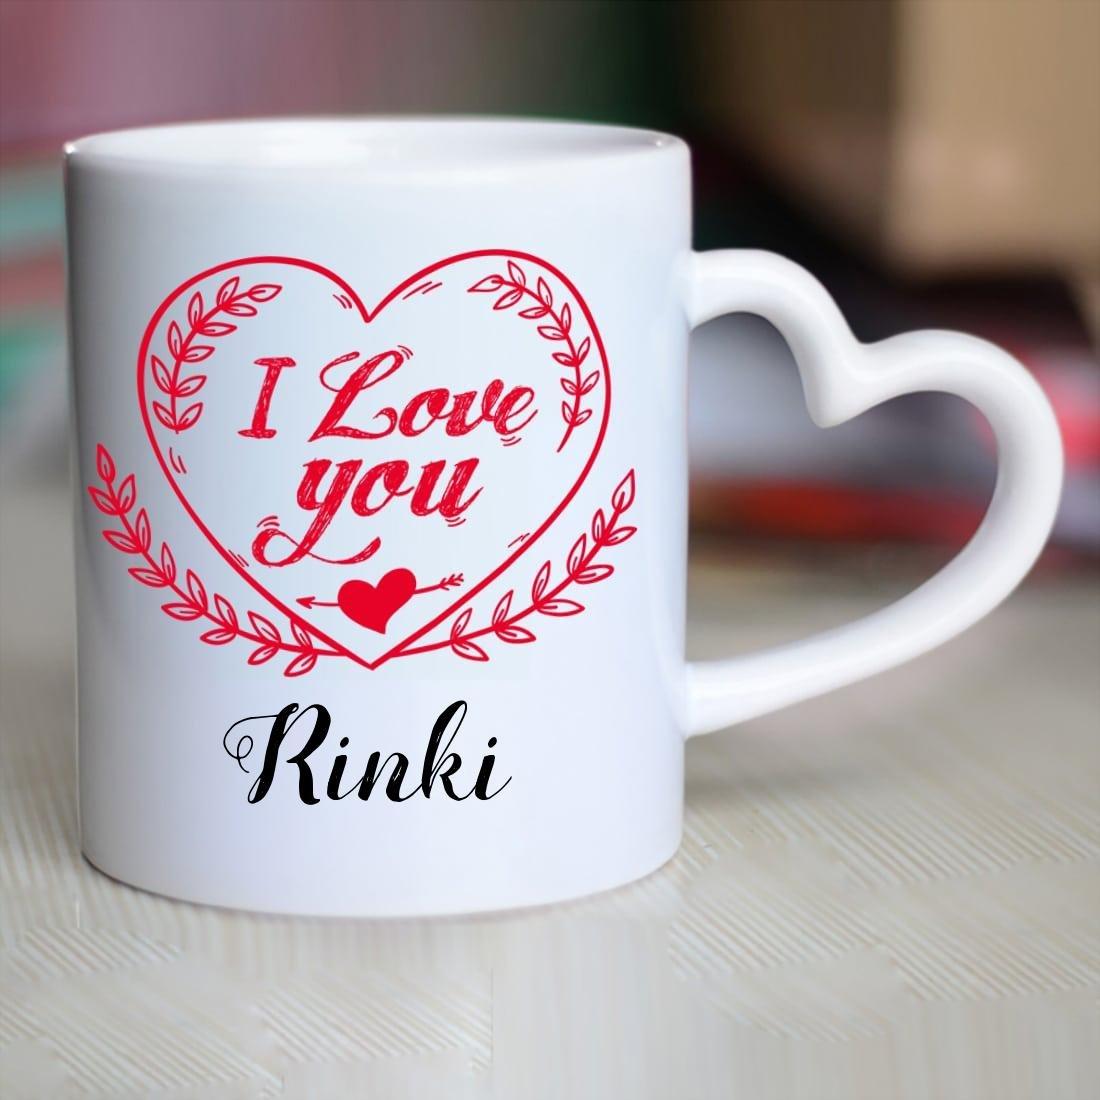 rinki name love